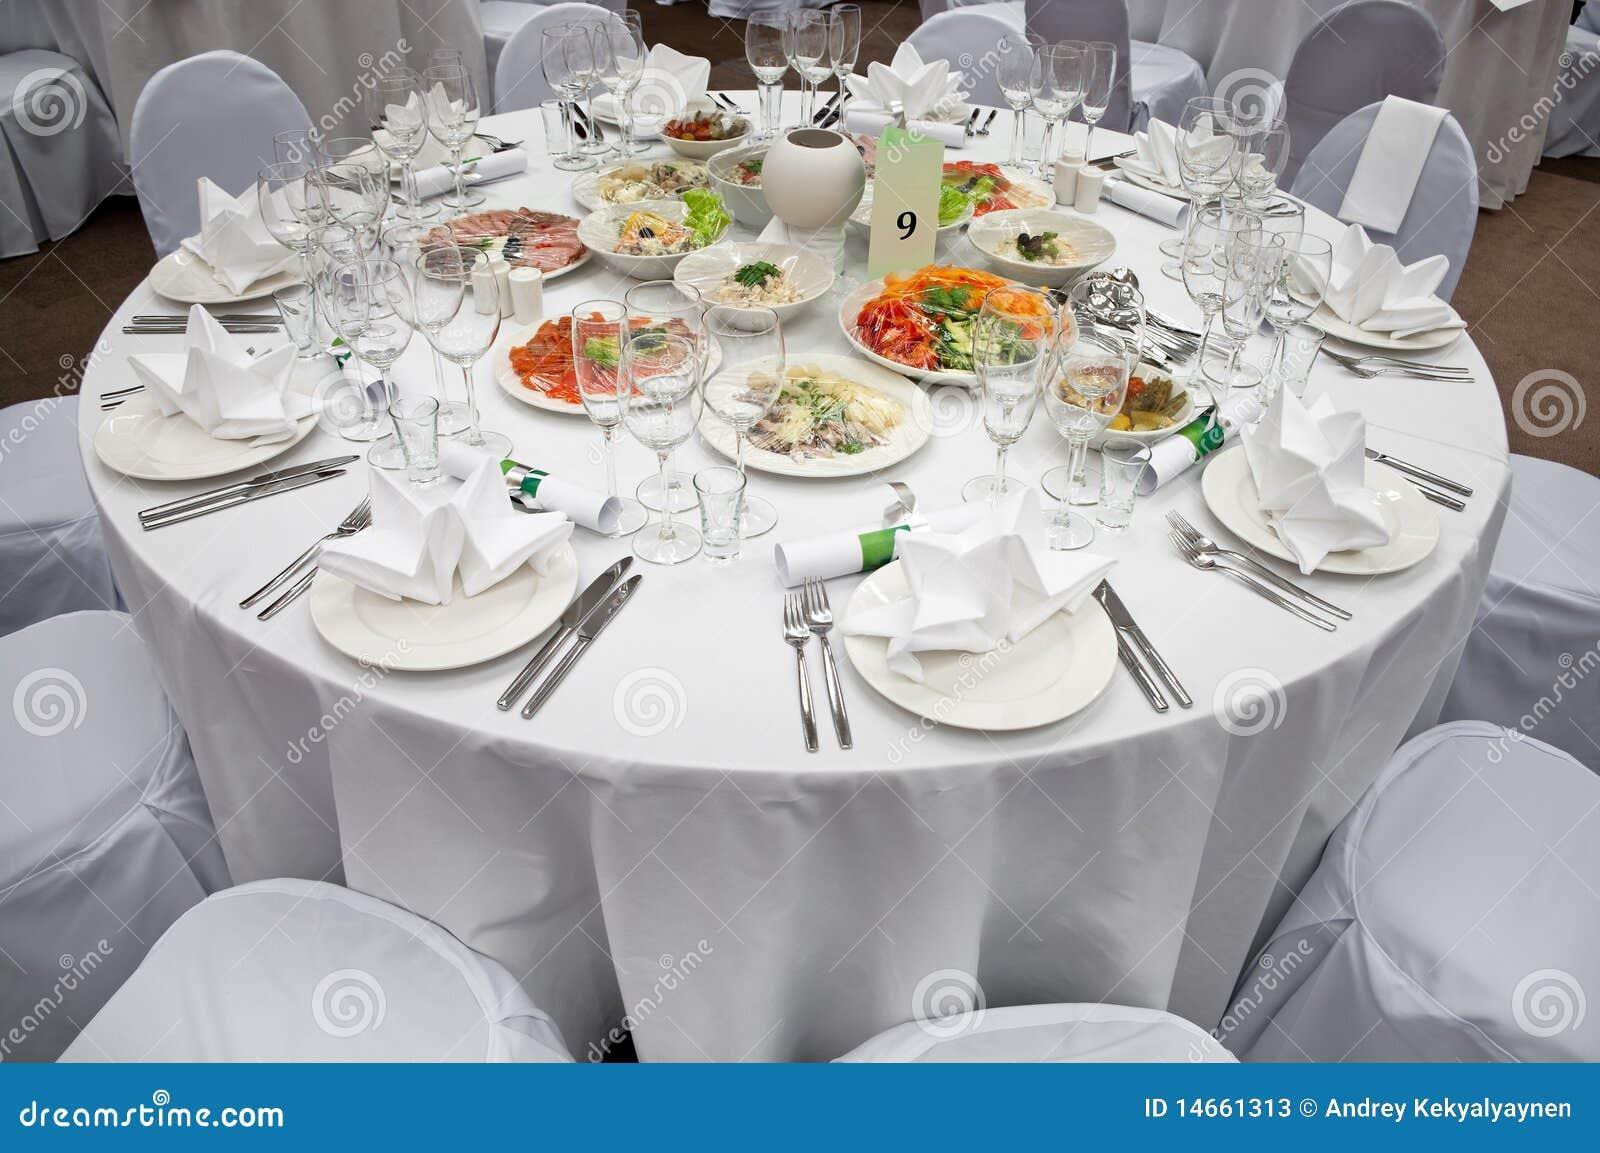 Tavolo da pranzo rotondo bianco wedding fotografie stock for Tavolo rotondo da pranzo